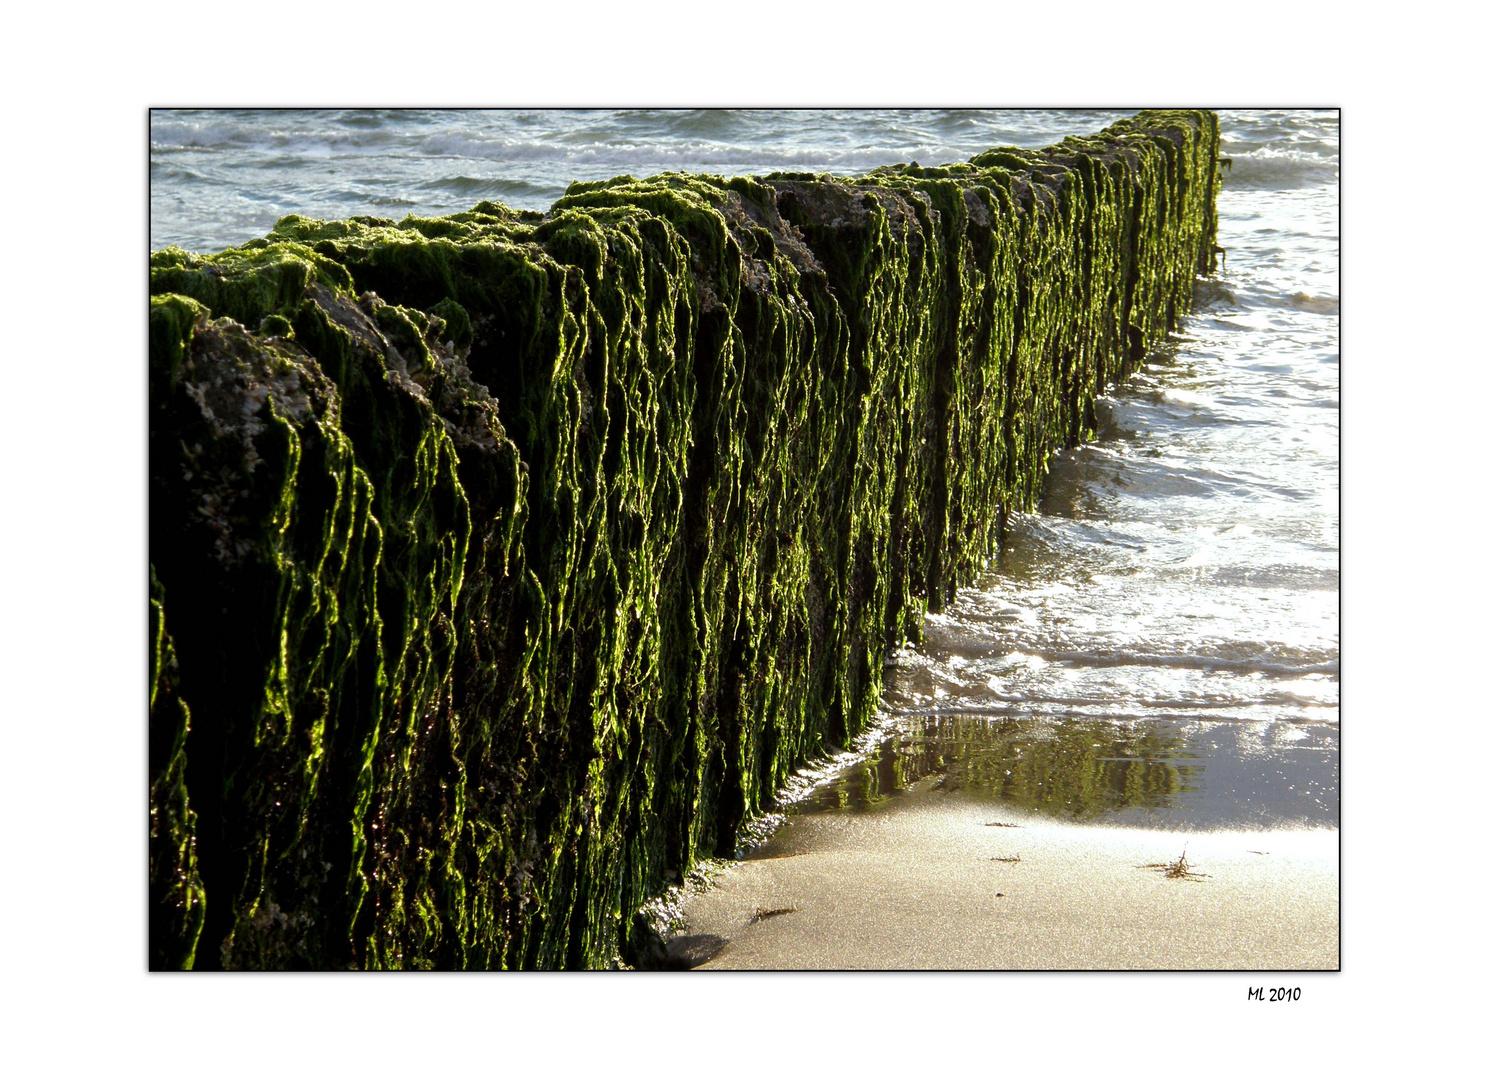 on the beach #1